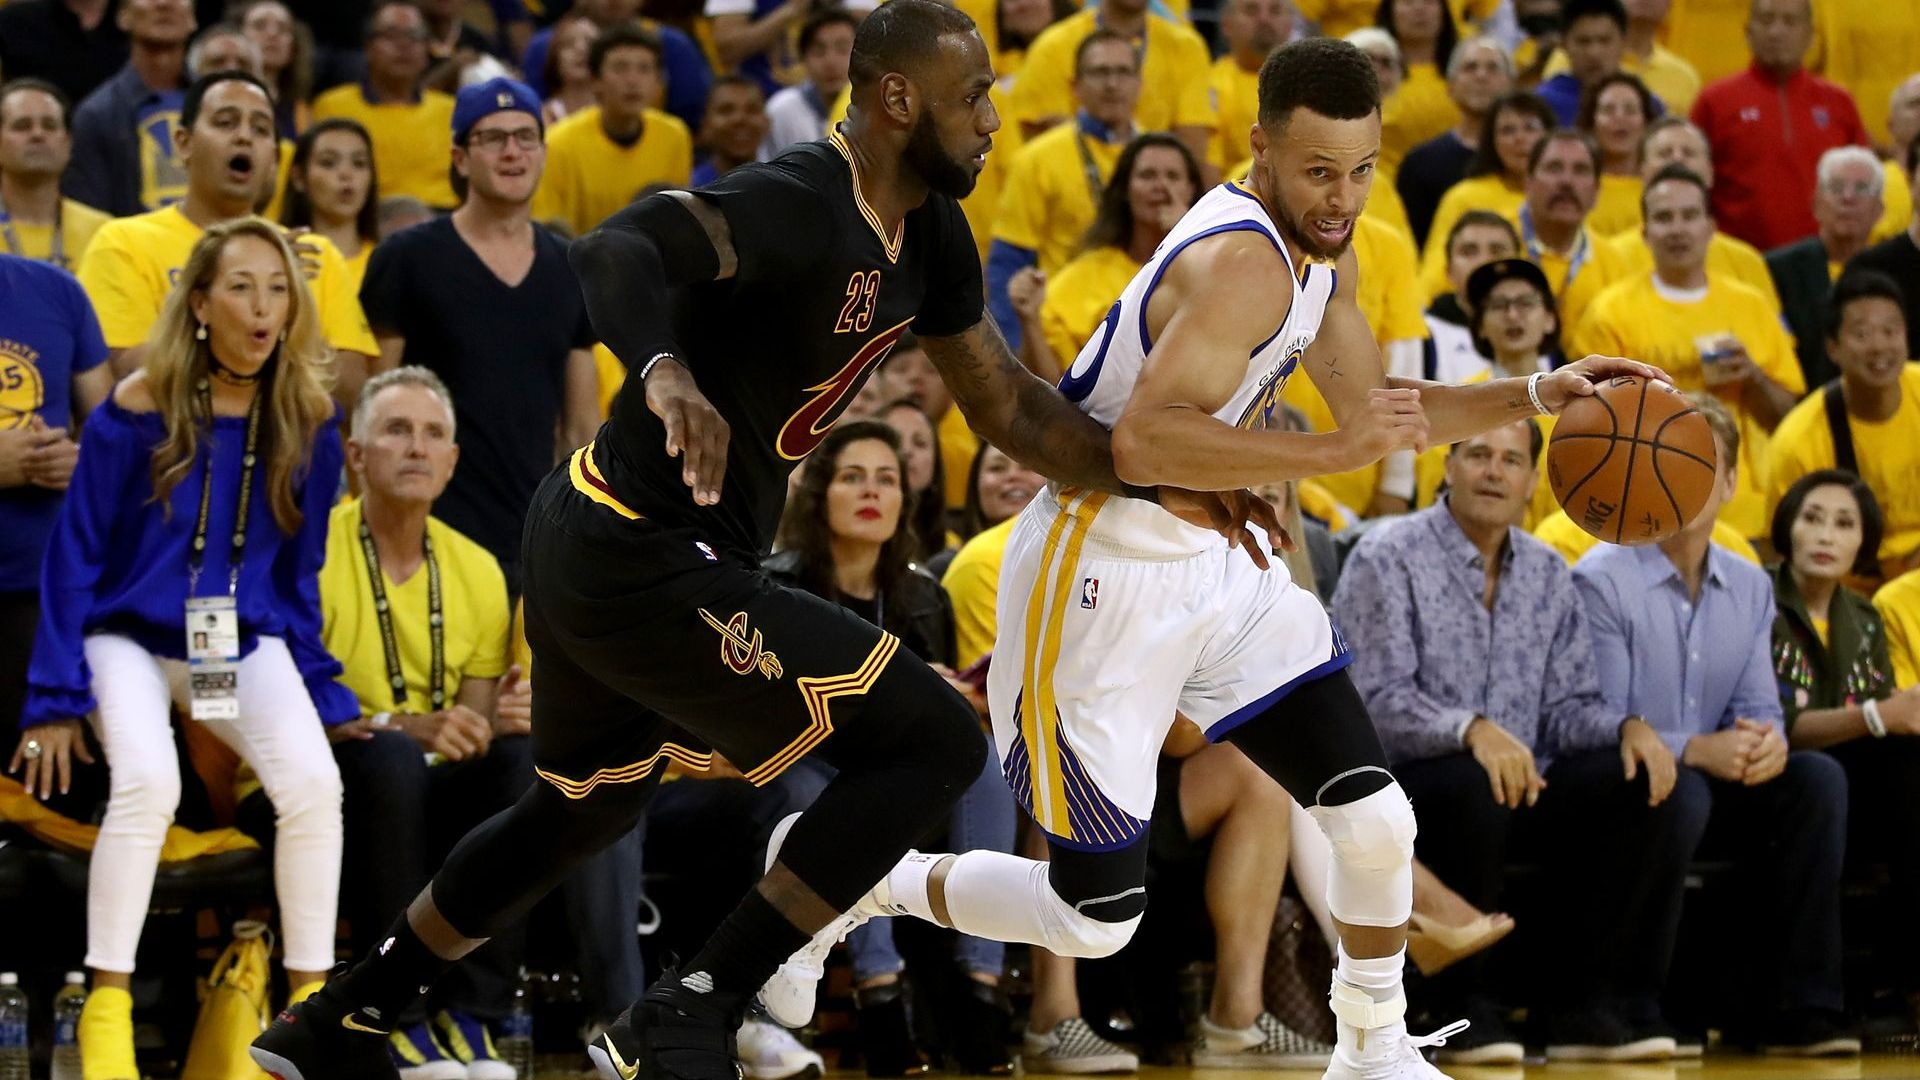 Отново те. Битката на гладиаторите в НБА, Епизод IV